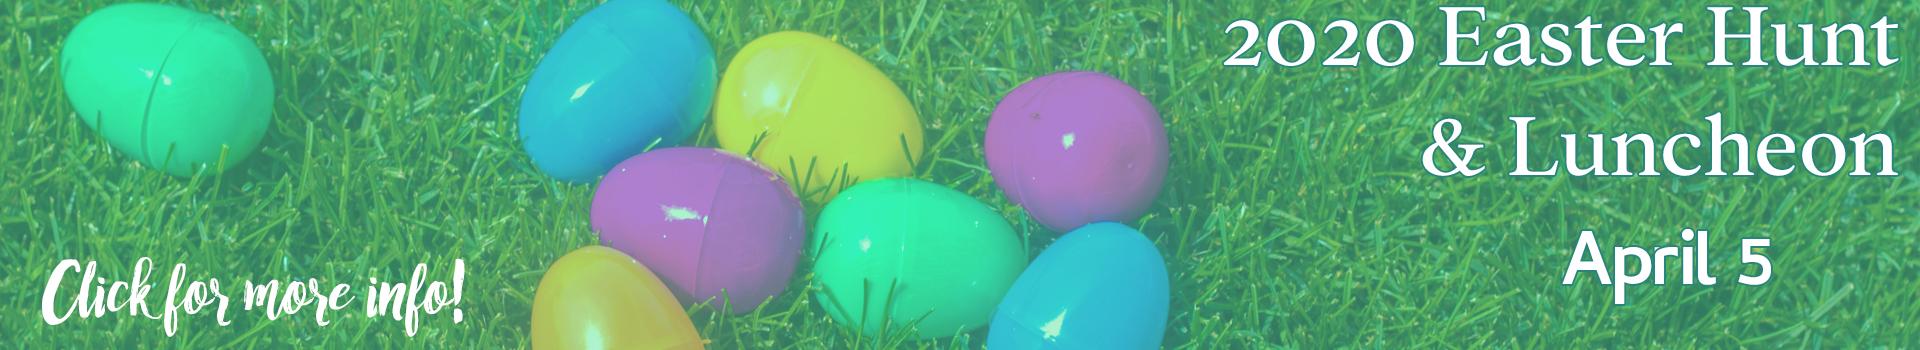 2020_Easter_Hunt